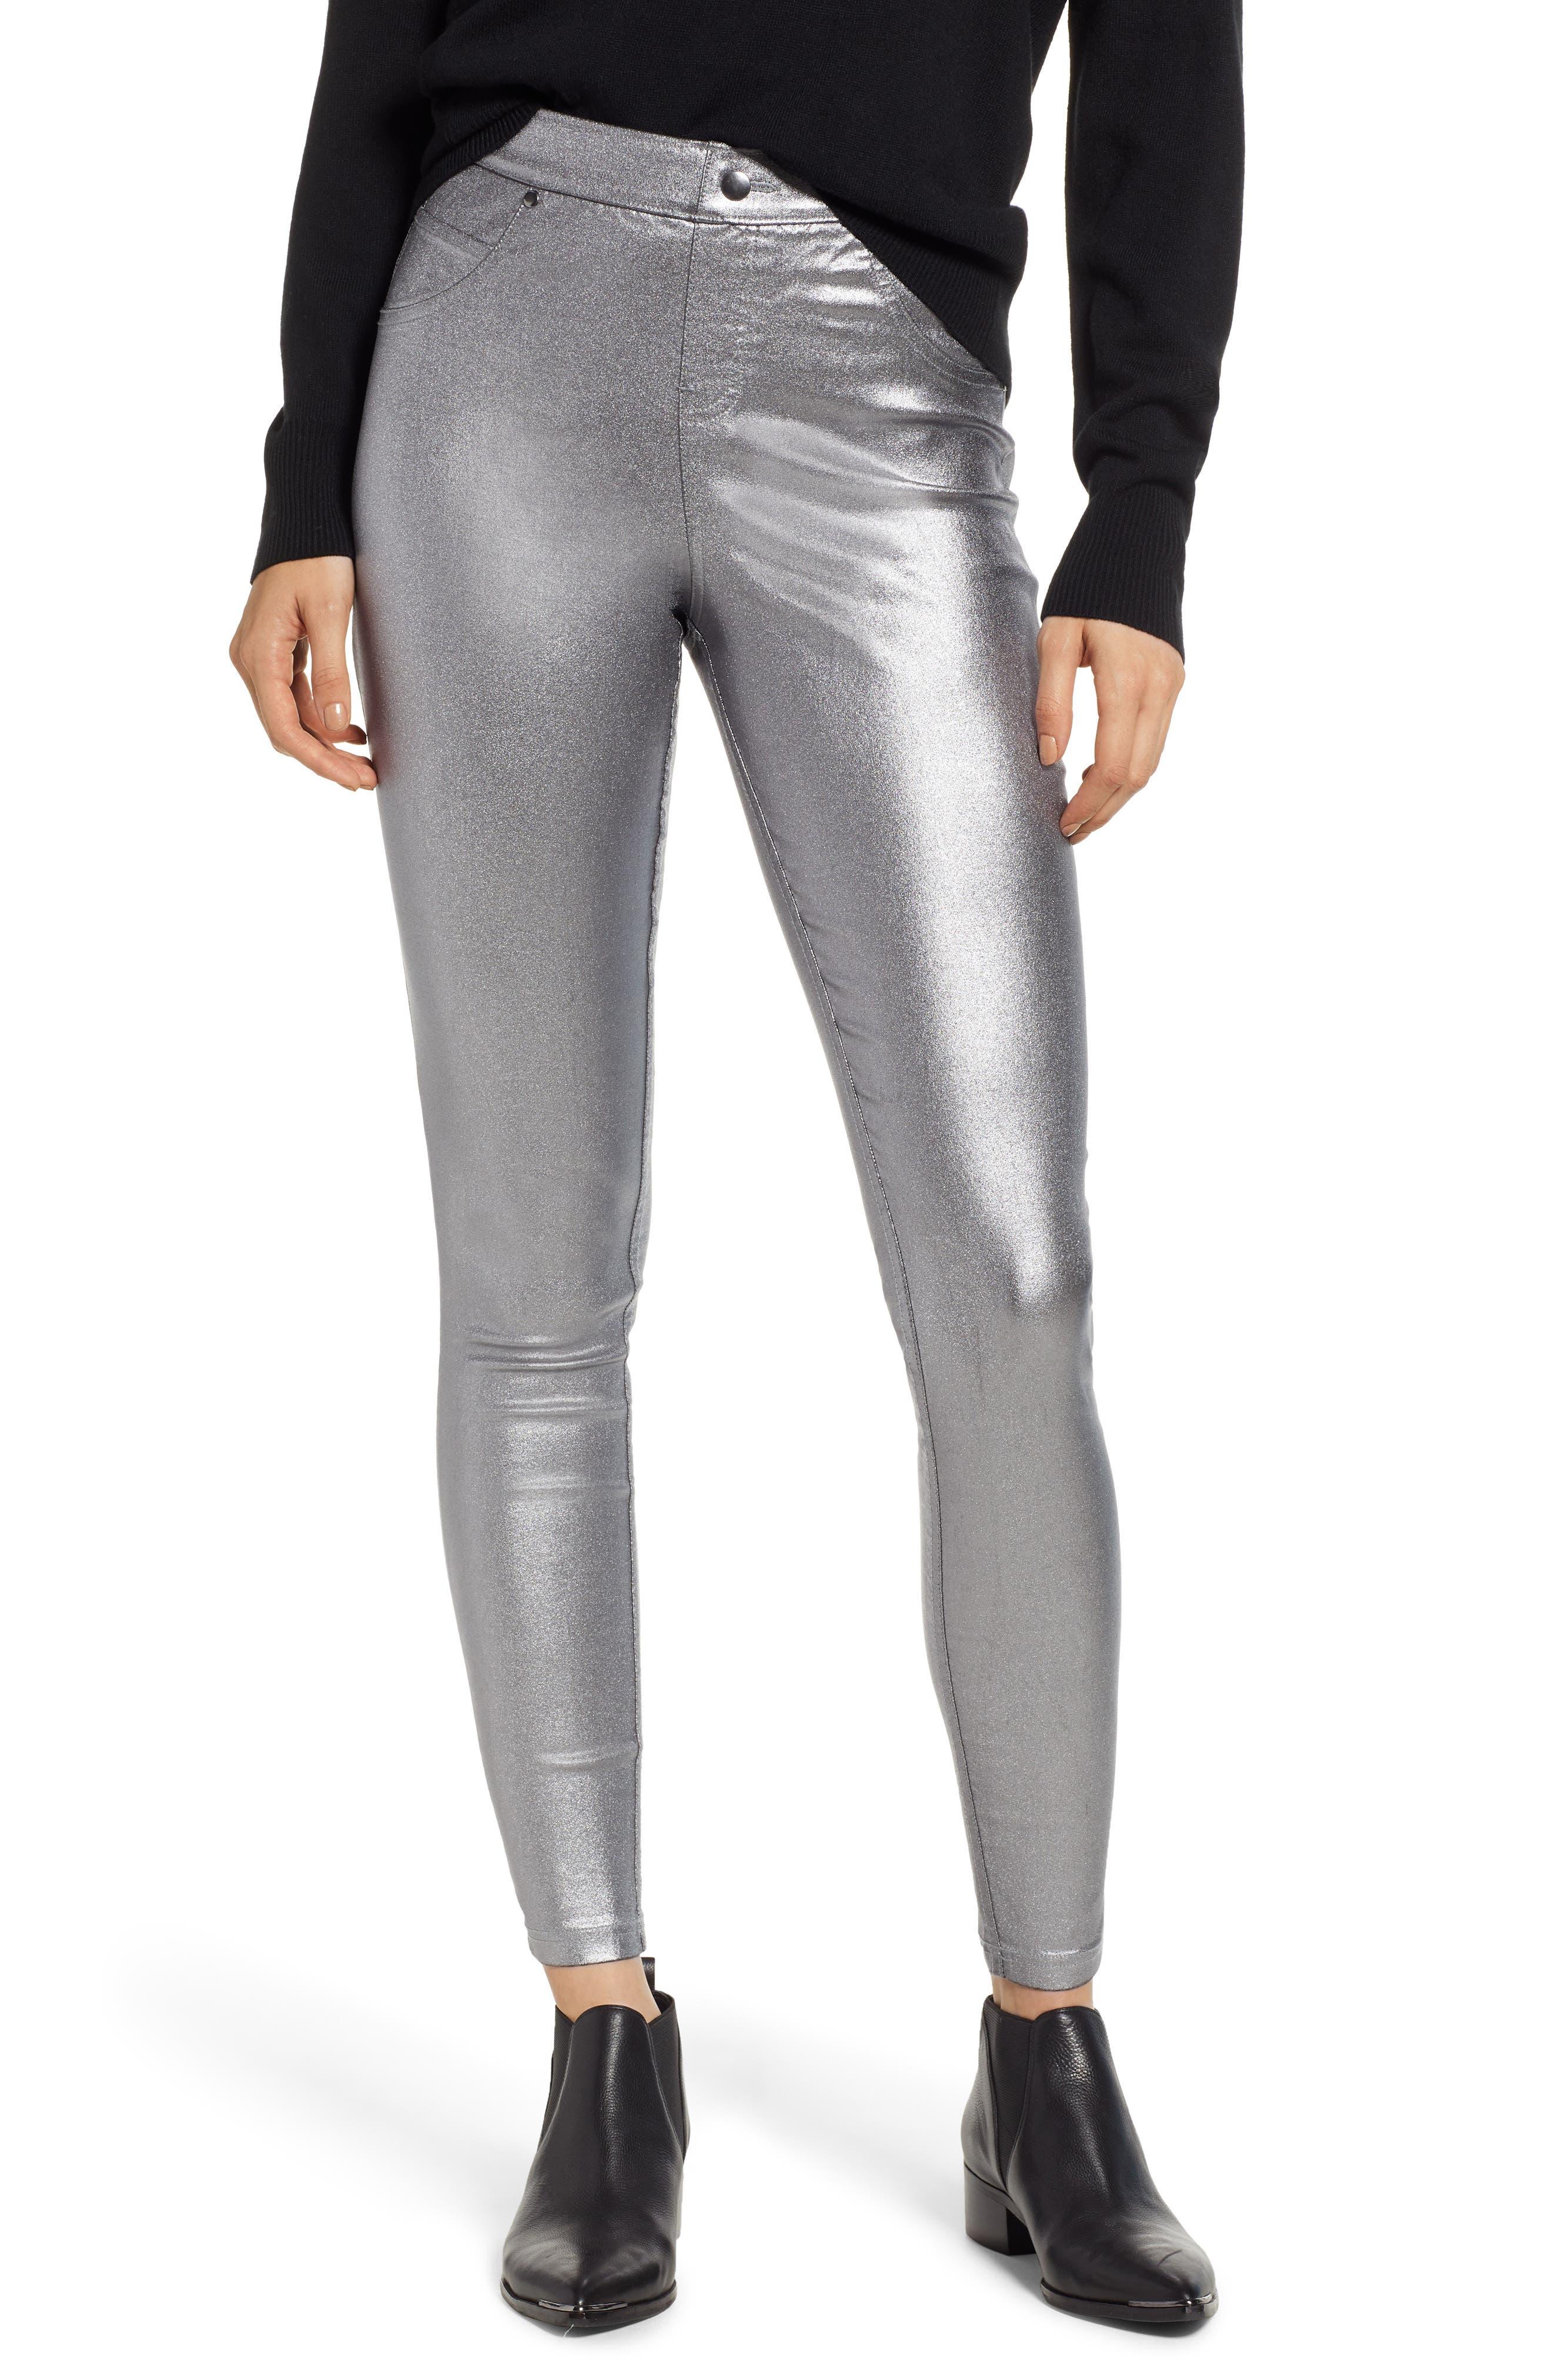 Hue Iridescent Denim Leggings, Grey